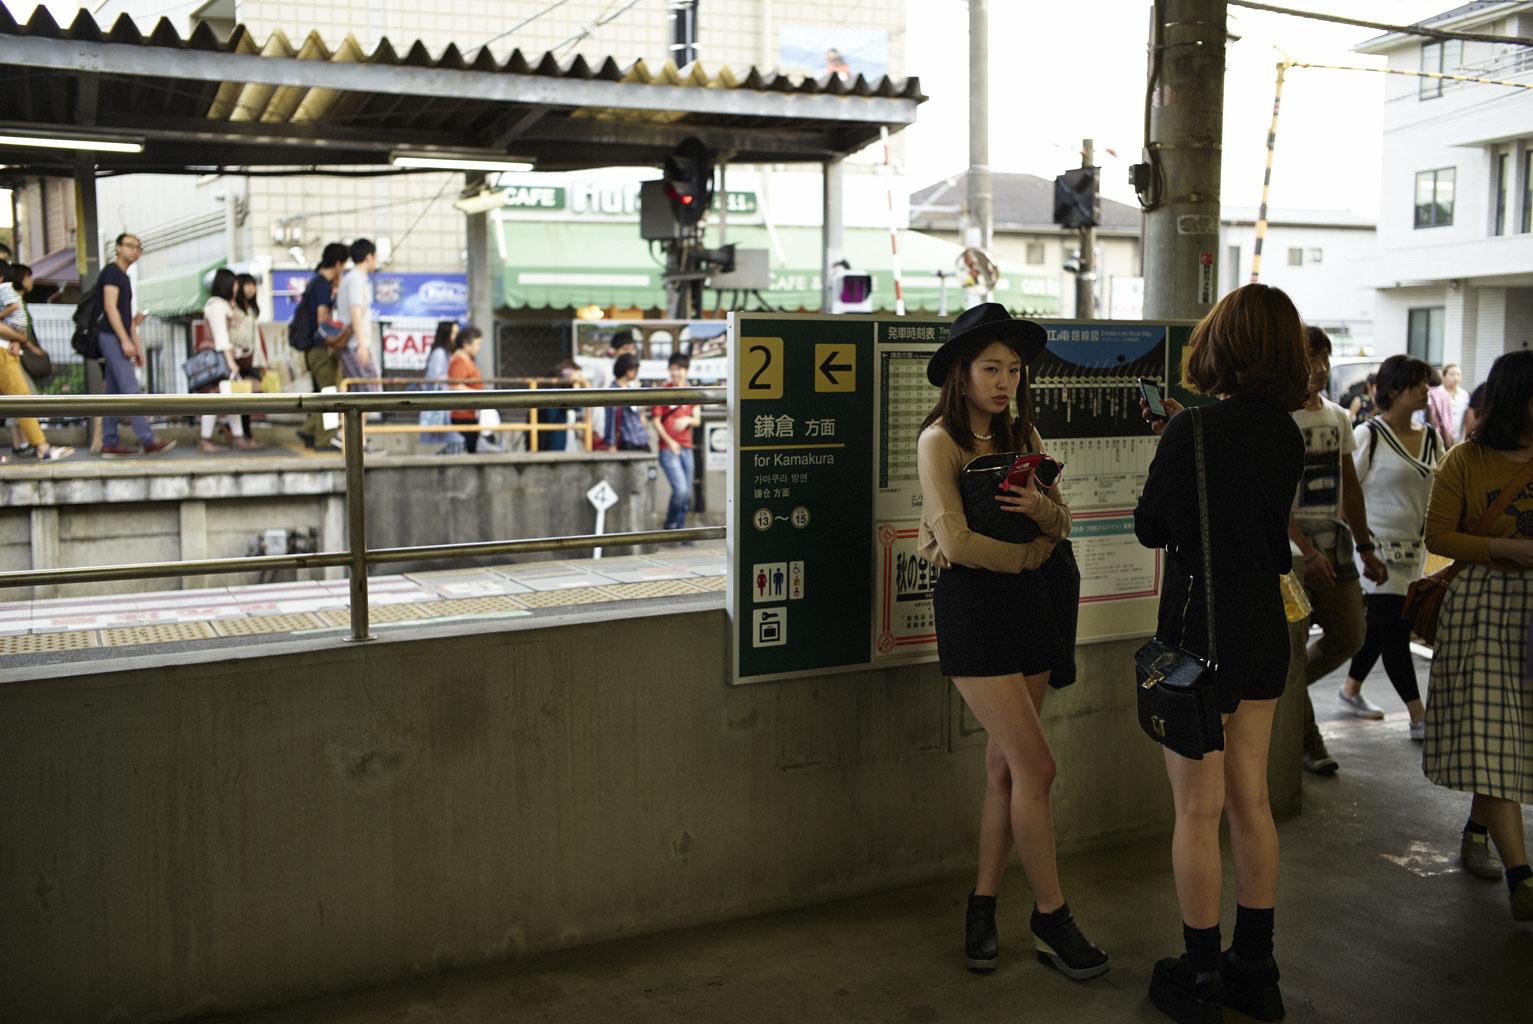 140923_TM_Japan_L_001290.jpg